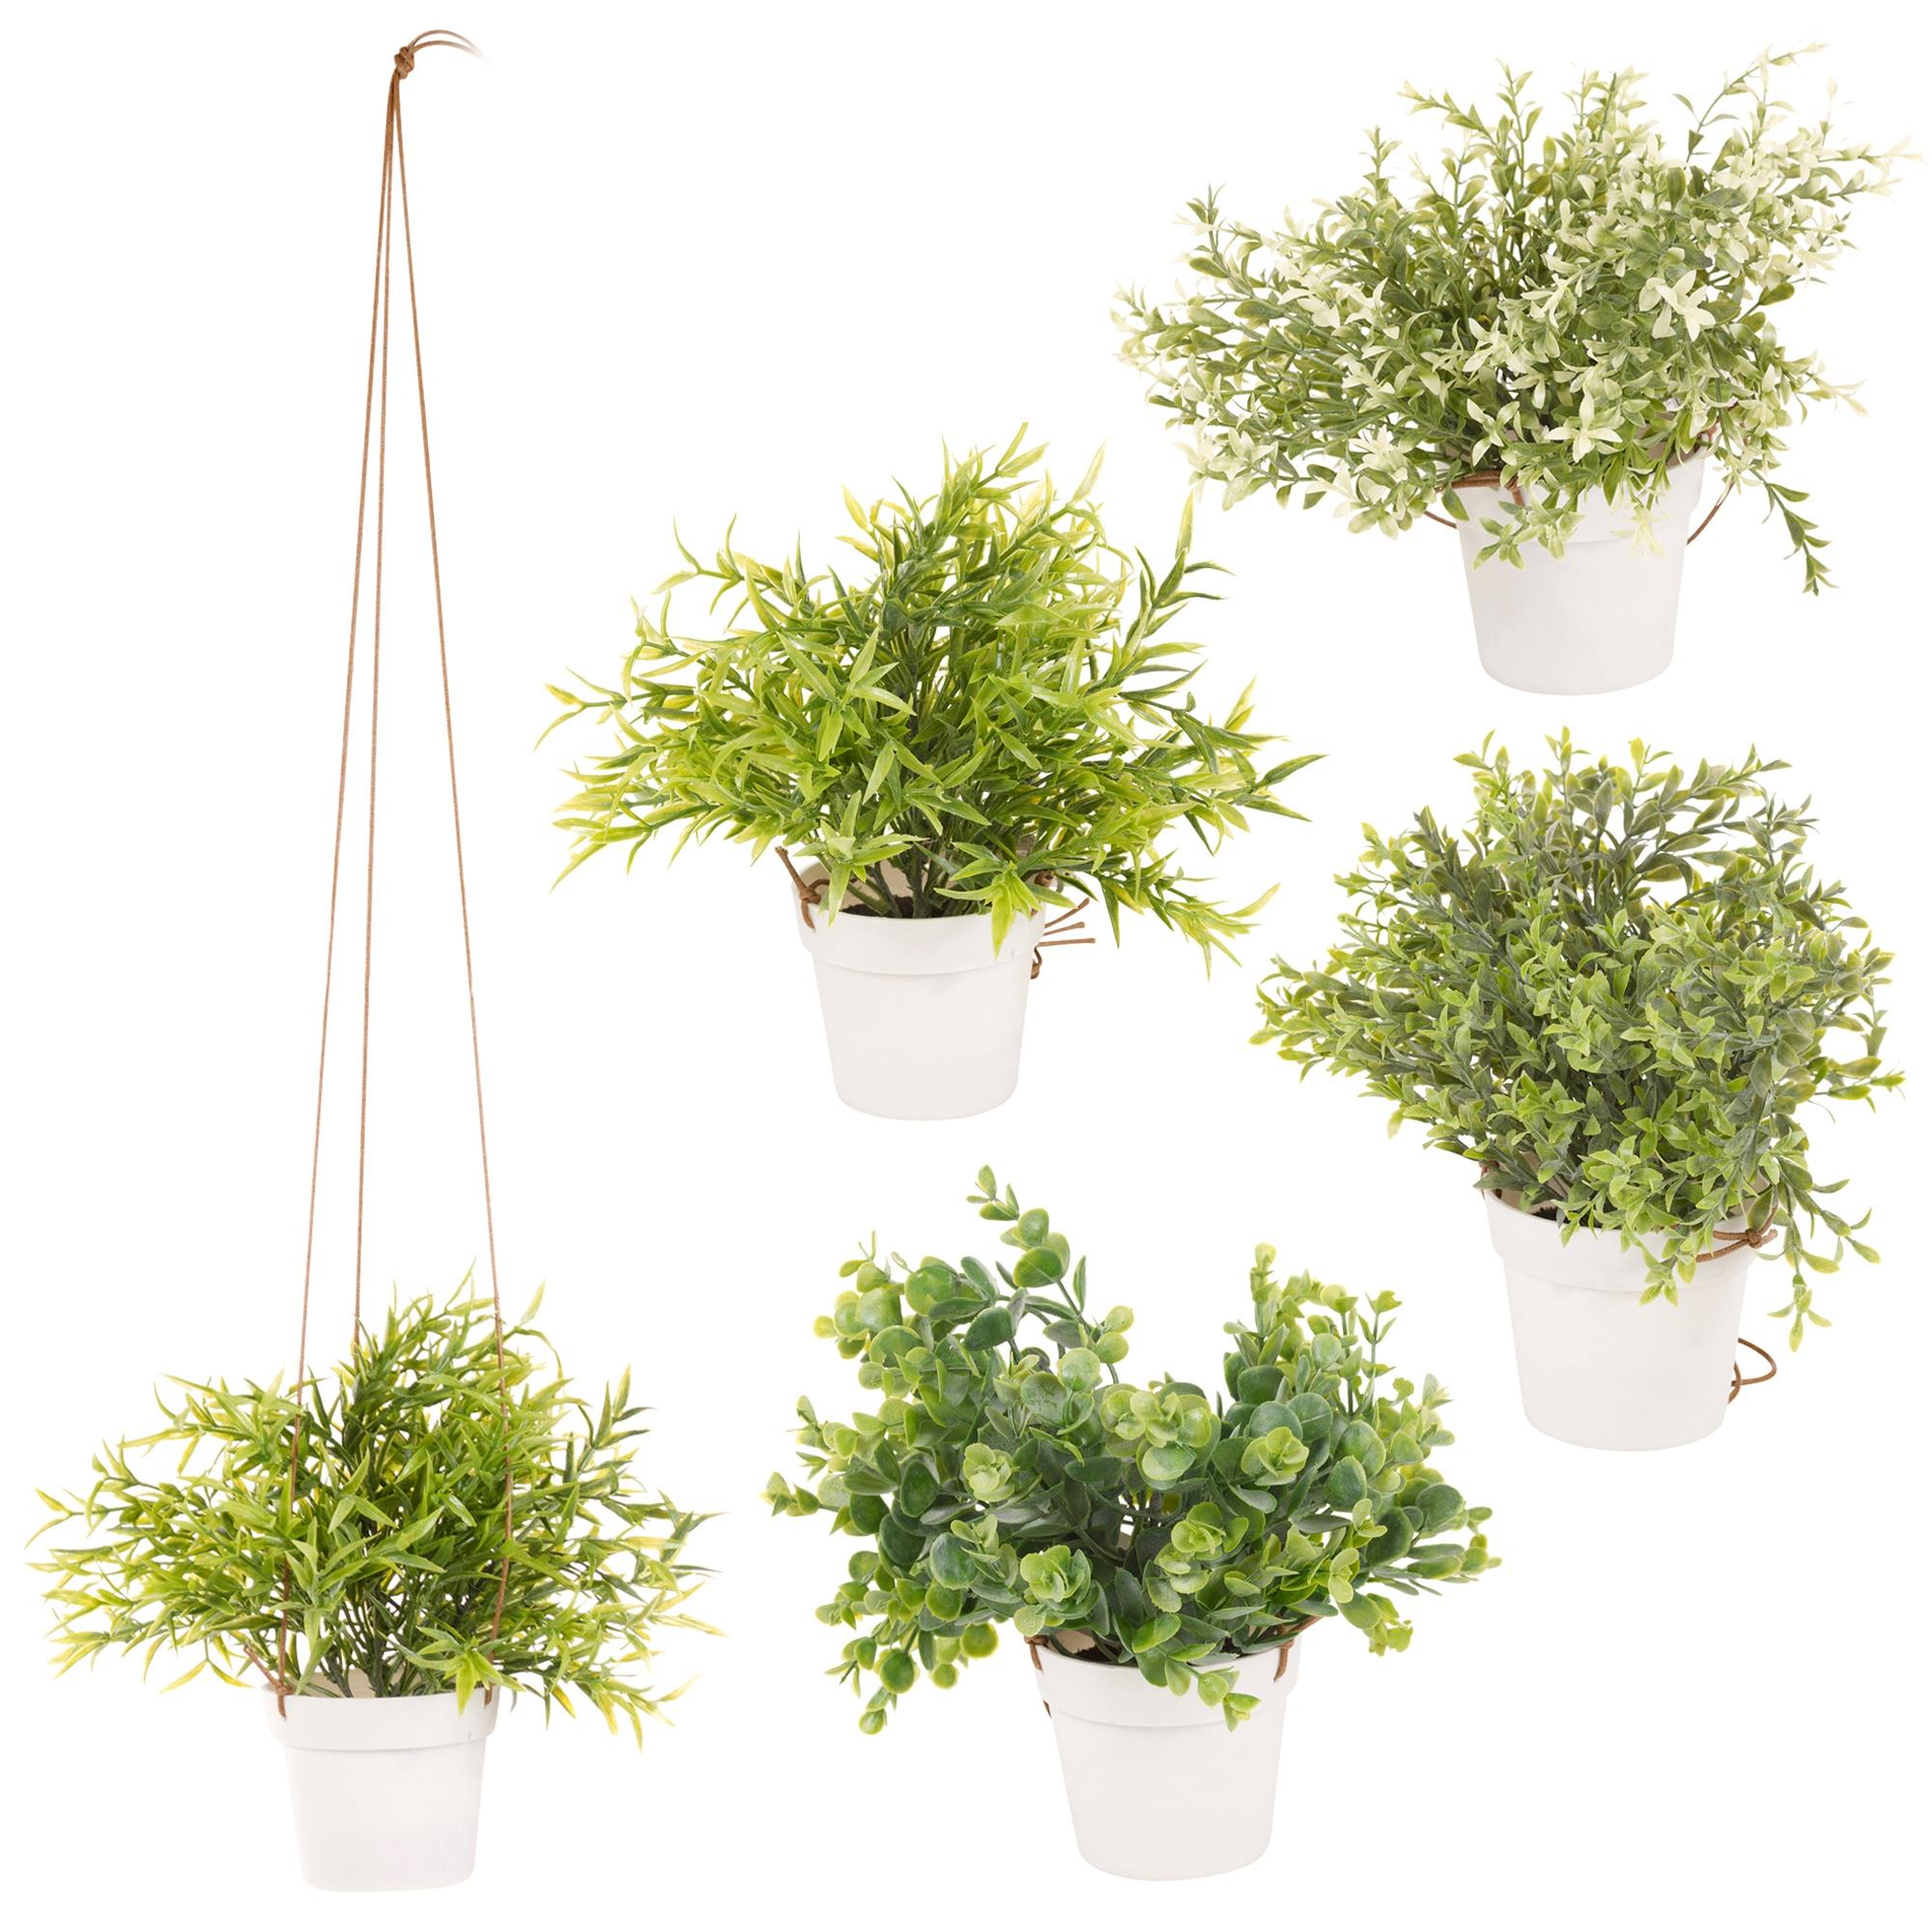 Artificial Hanging Plant Pot Basket Indoor Outdoor Garden ... on Hanging Plant Pots Indoor  id=34099